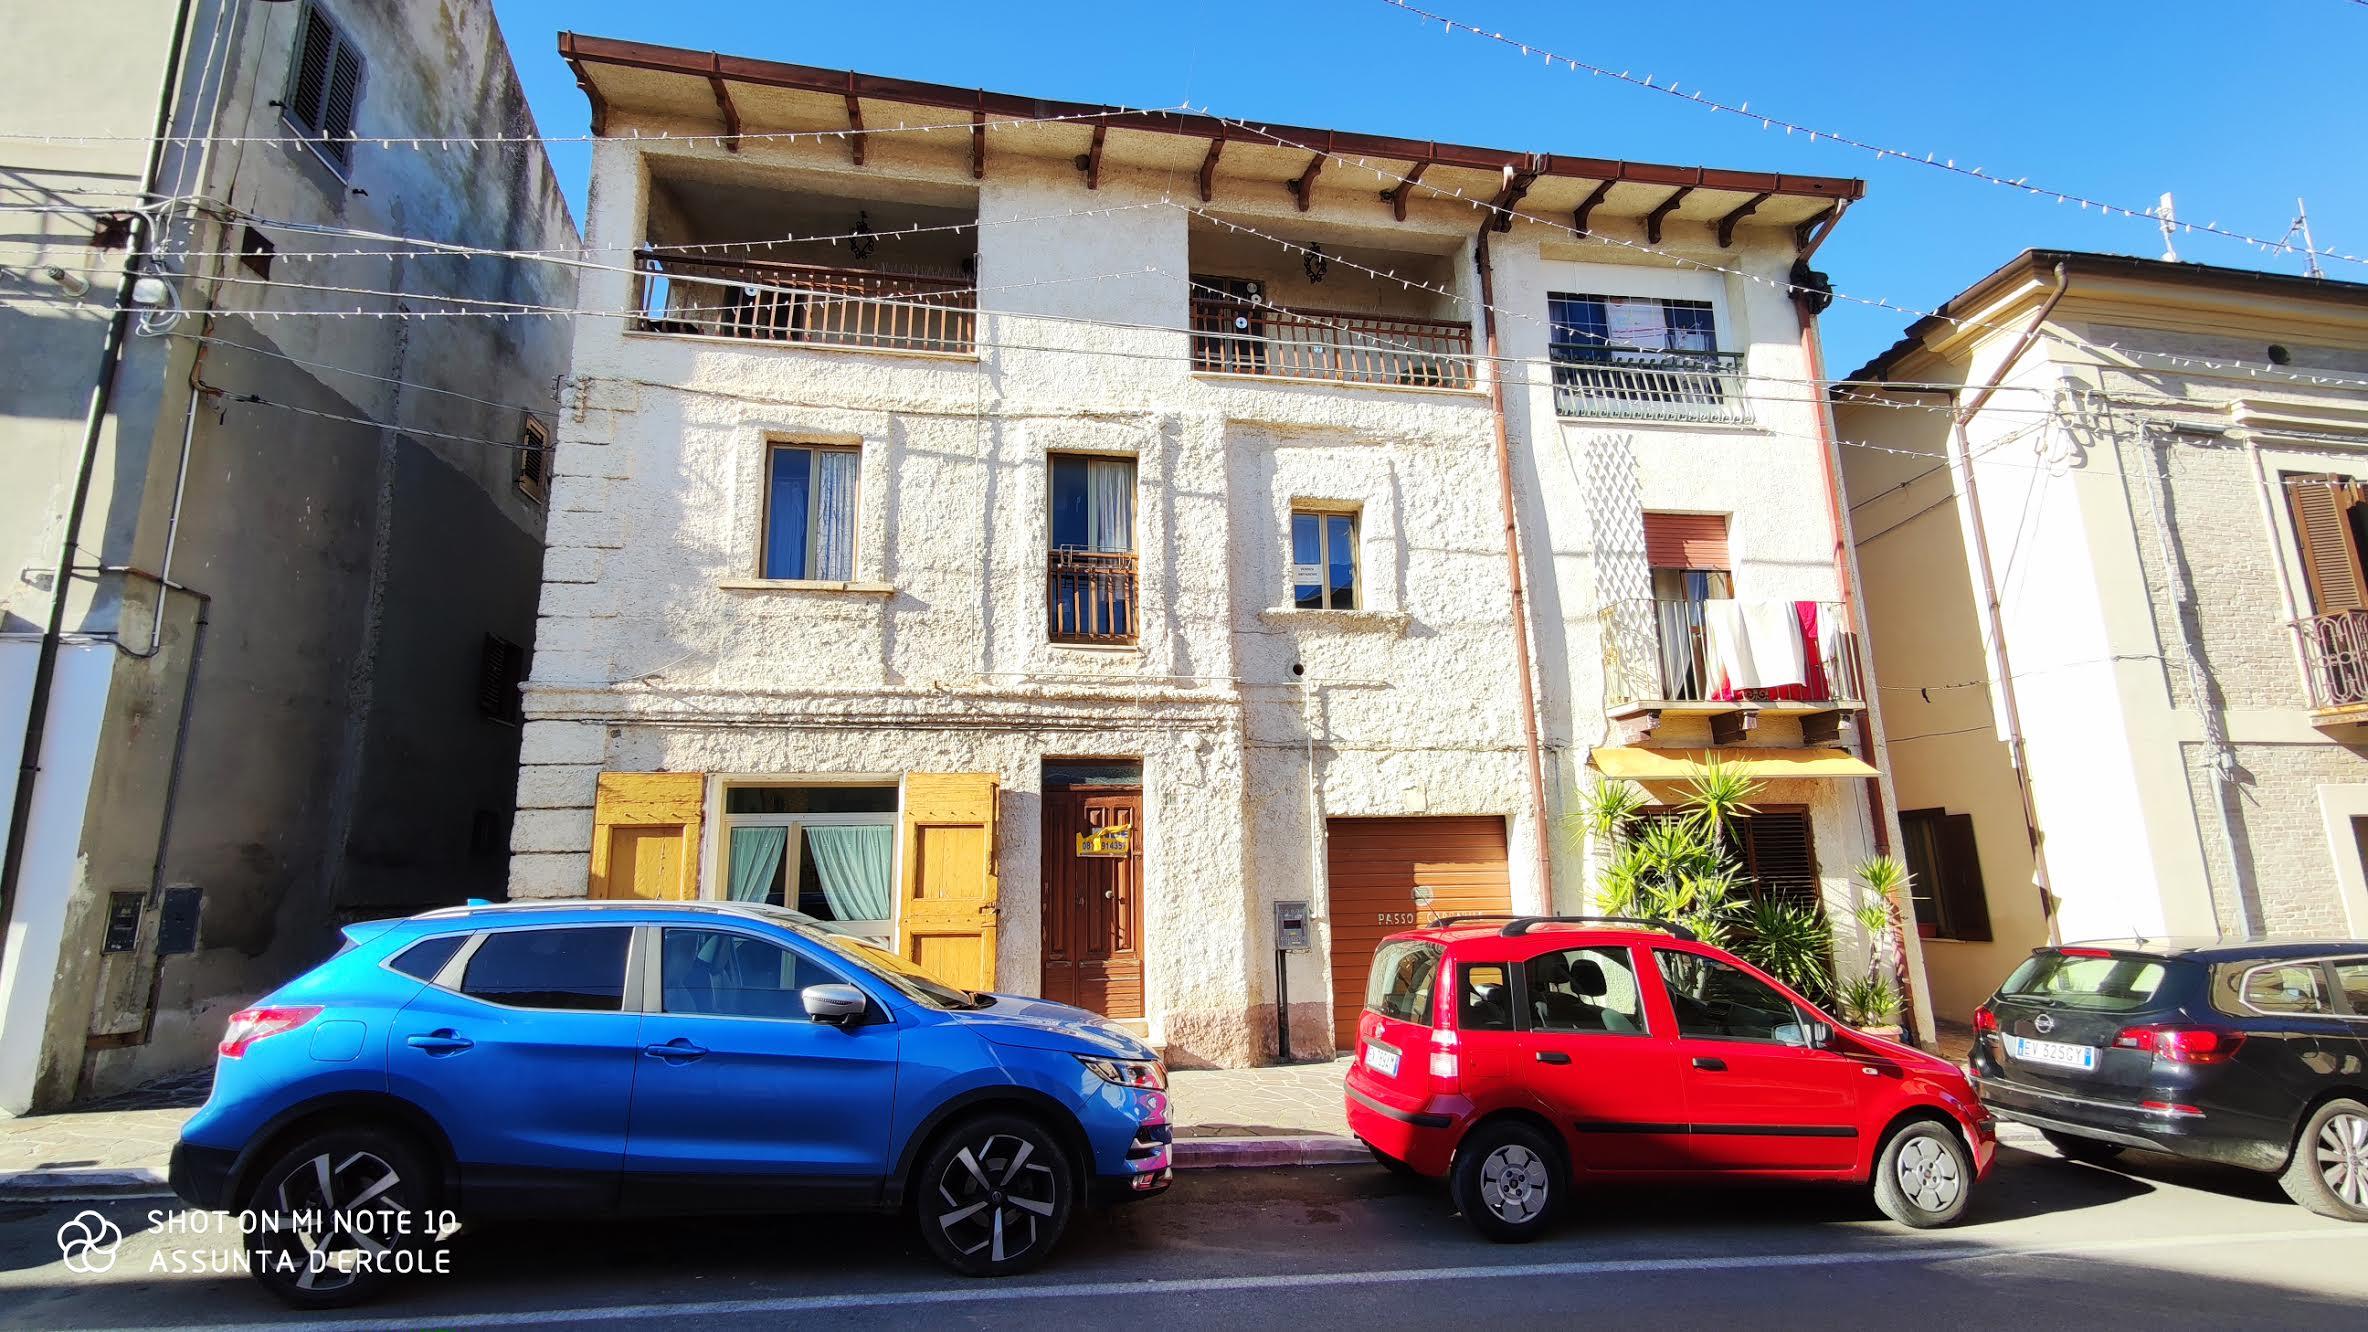 rif 1077 Villalfonsina – Casa in paese con veranda con vista panoramica – € 49000